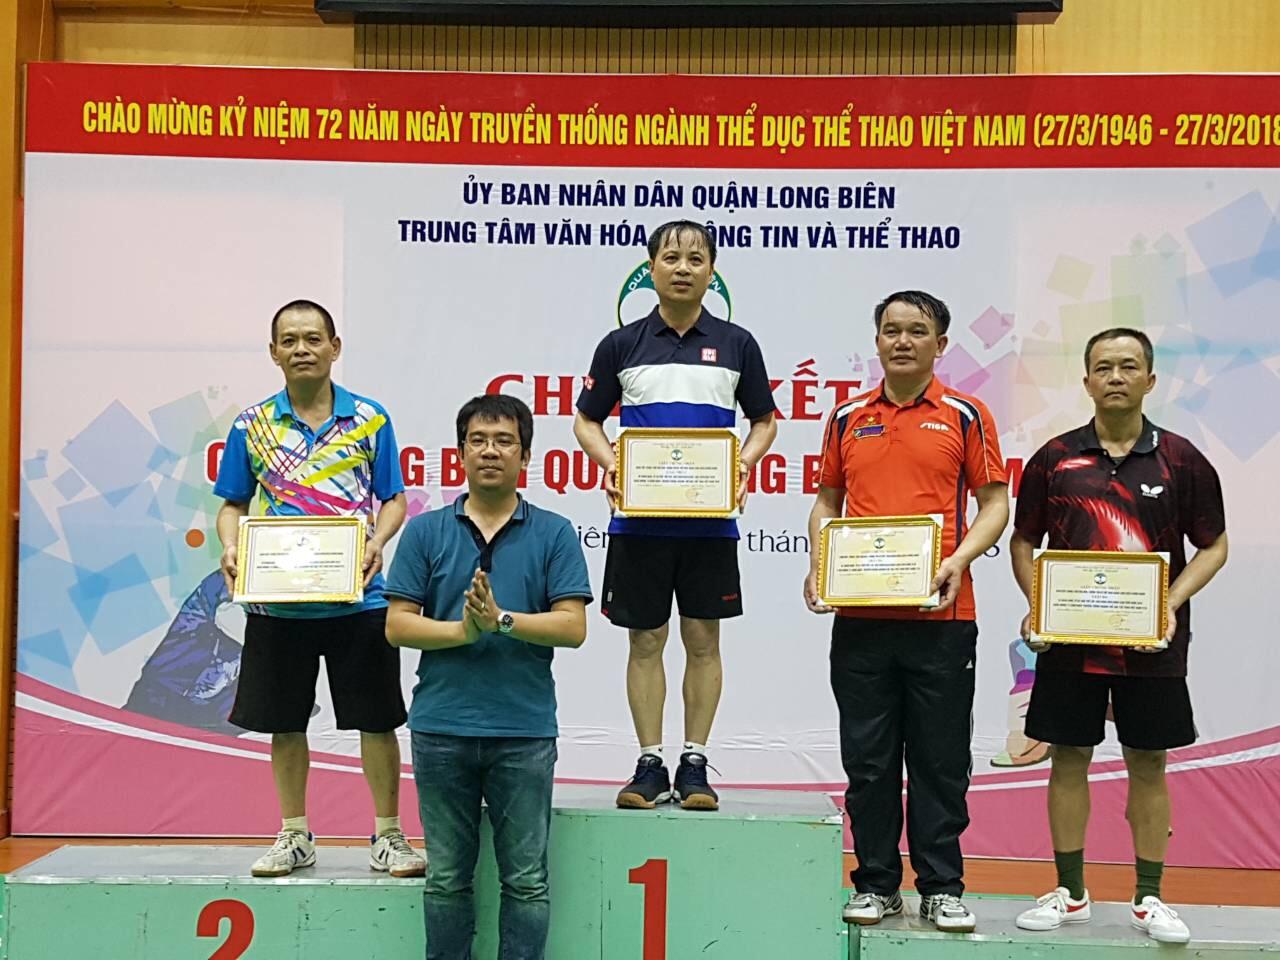 Kết quả tham gia giải Bóng bàn Cup 27/3 Quận Long Biên năm 2018